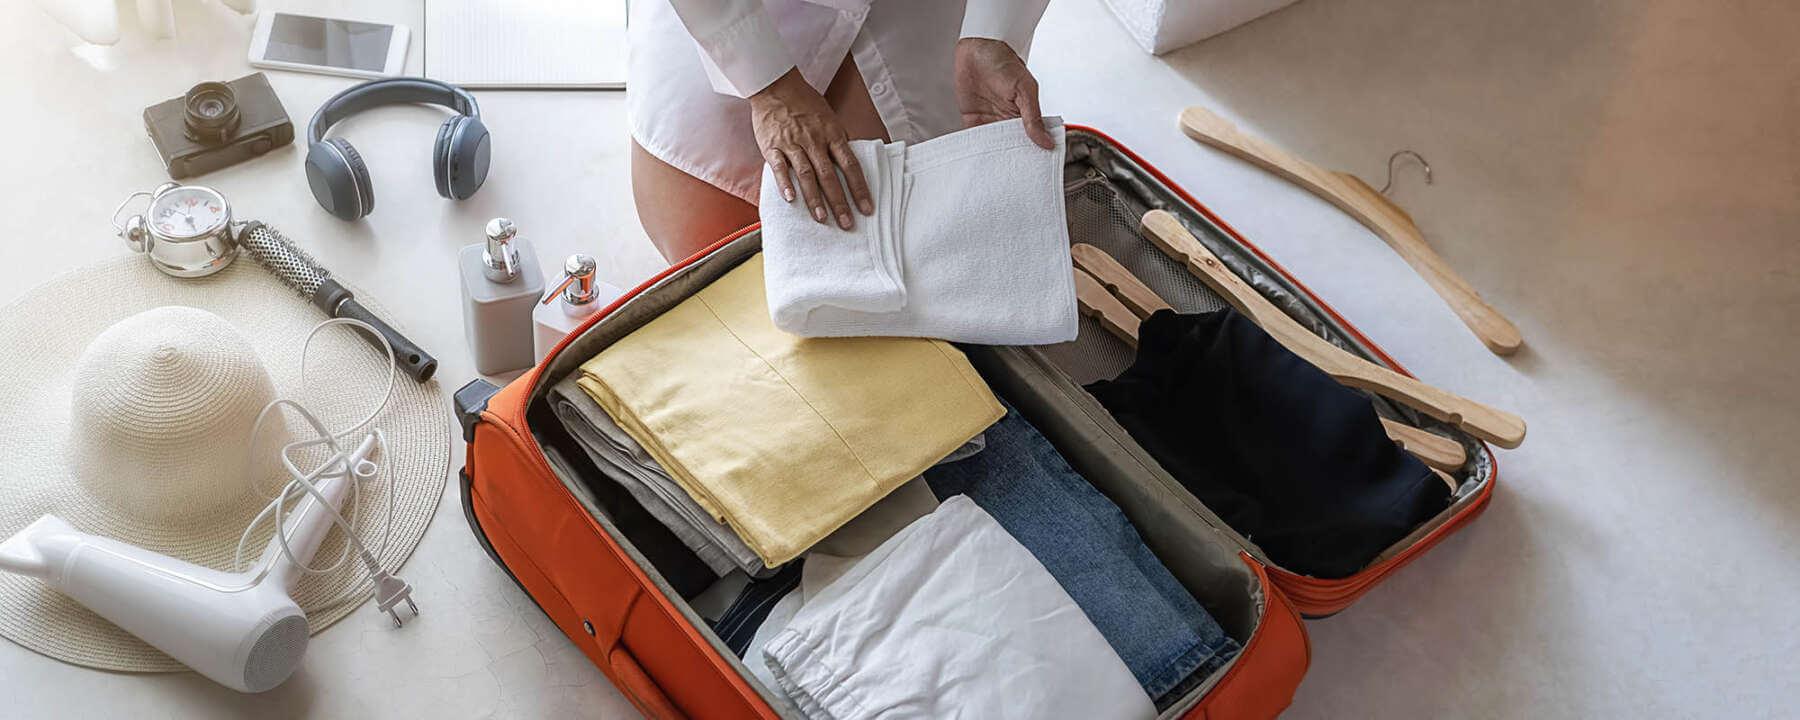 co spakować na wakacje - Co zabrać na wakacje? Sprawdź naszą praktyczną listę rzeczy do zabrania!